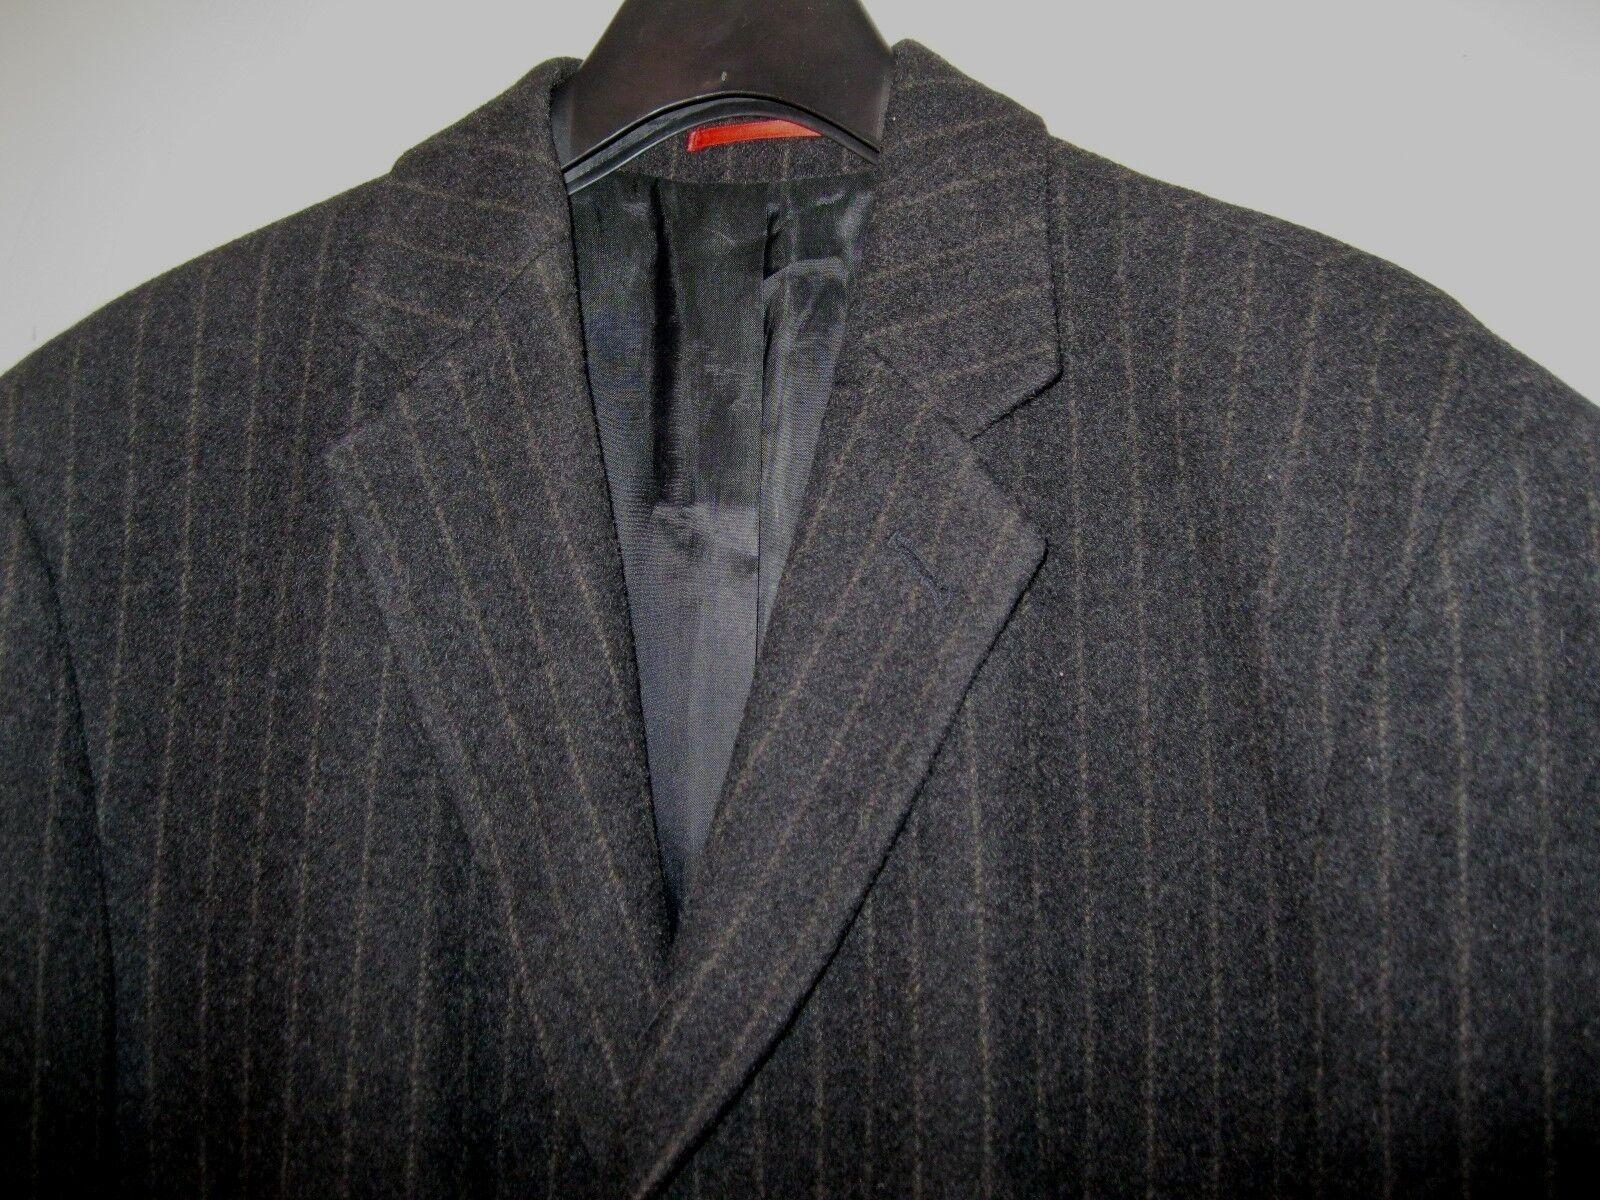 Elegante Uomo Cappotto Inverno Cappotto Uomo Lana Vergine/Cashmere Alba moda gessato tg 50 4664c0